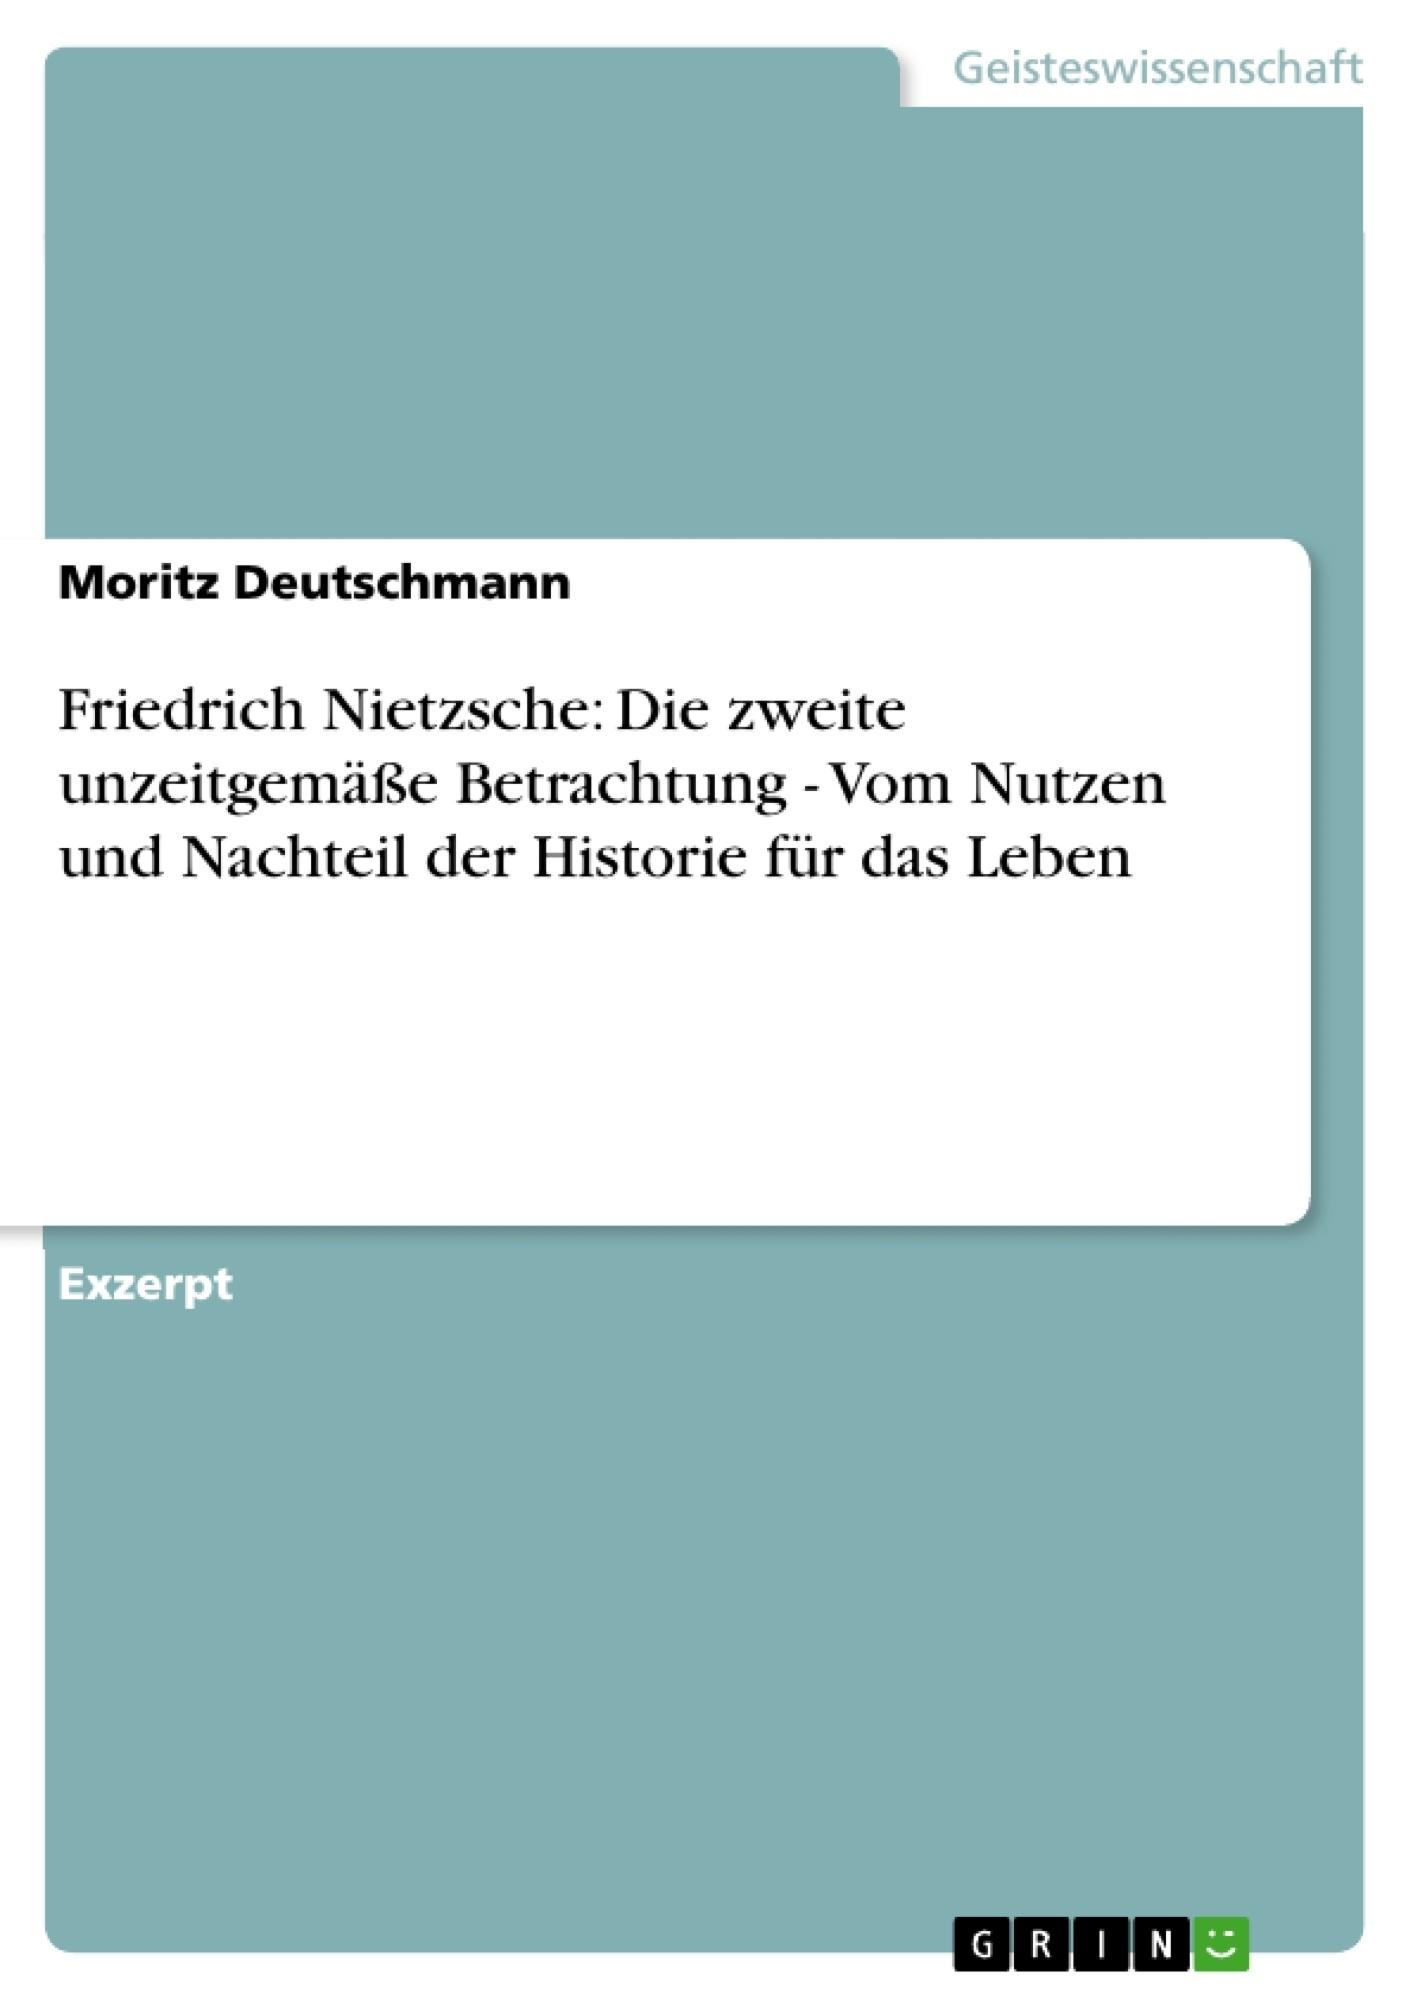 Titel: Friedrich Nietzsche: Die zweite unzeitgemäße Betrachtung - Vom Nutzen und Nachteil der Historie für das Leben